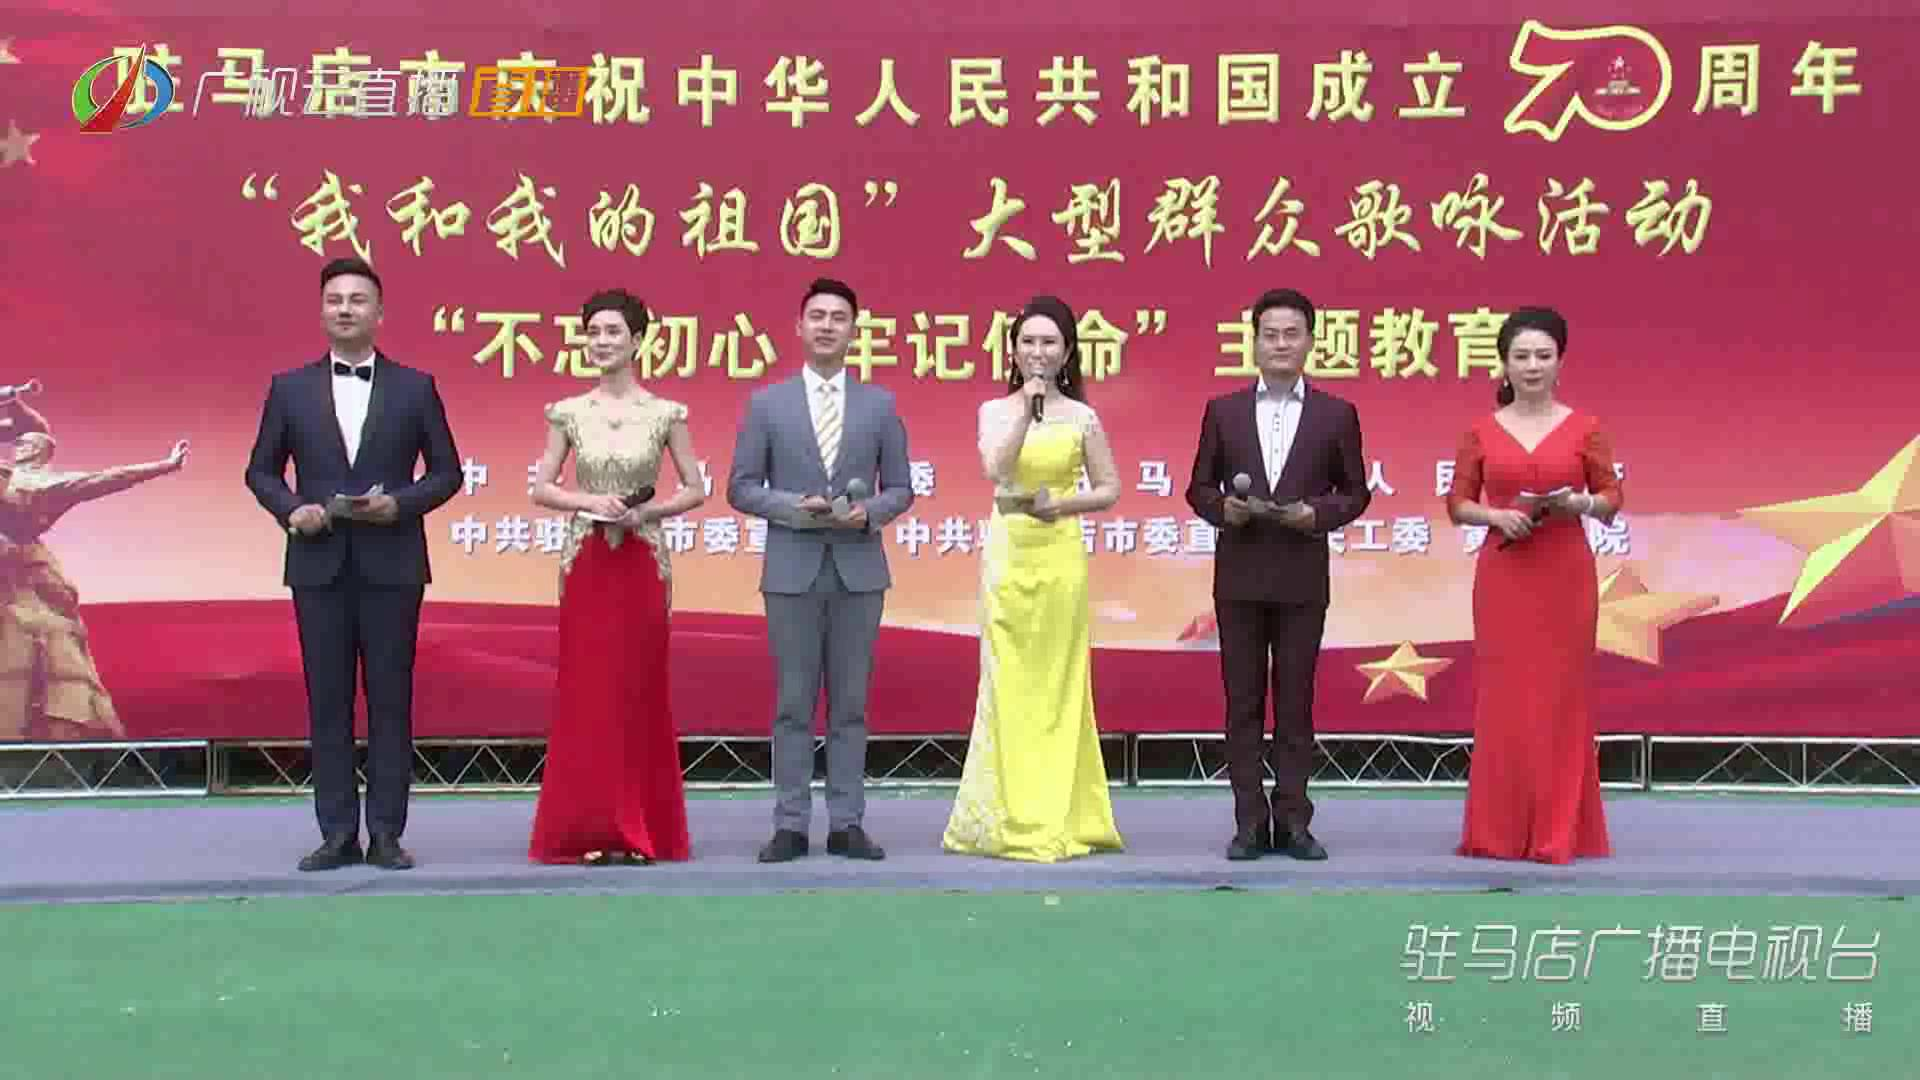 驻马店市庆祝新中国成立70周年《我和我的祖国》大型群众歌咏活动